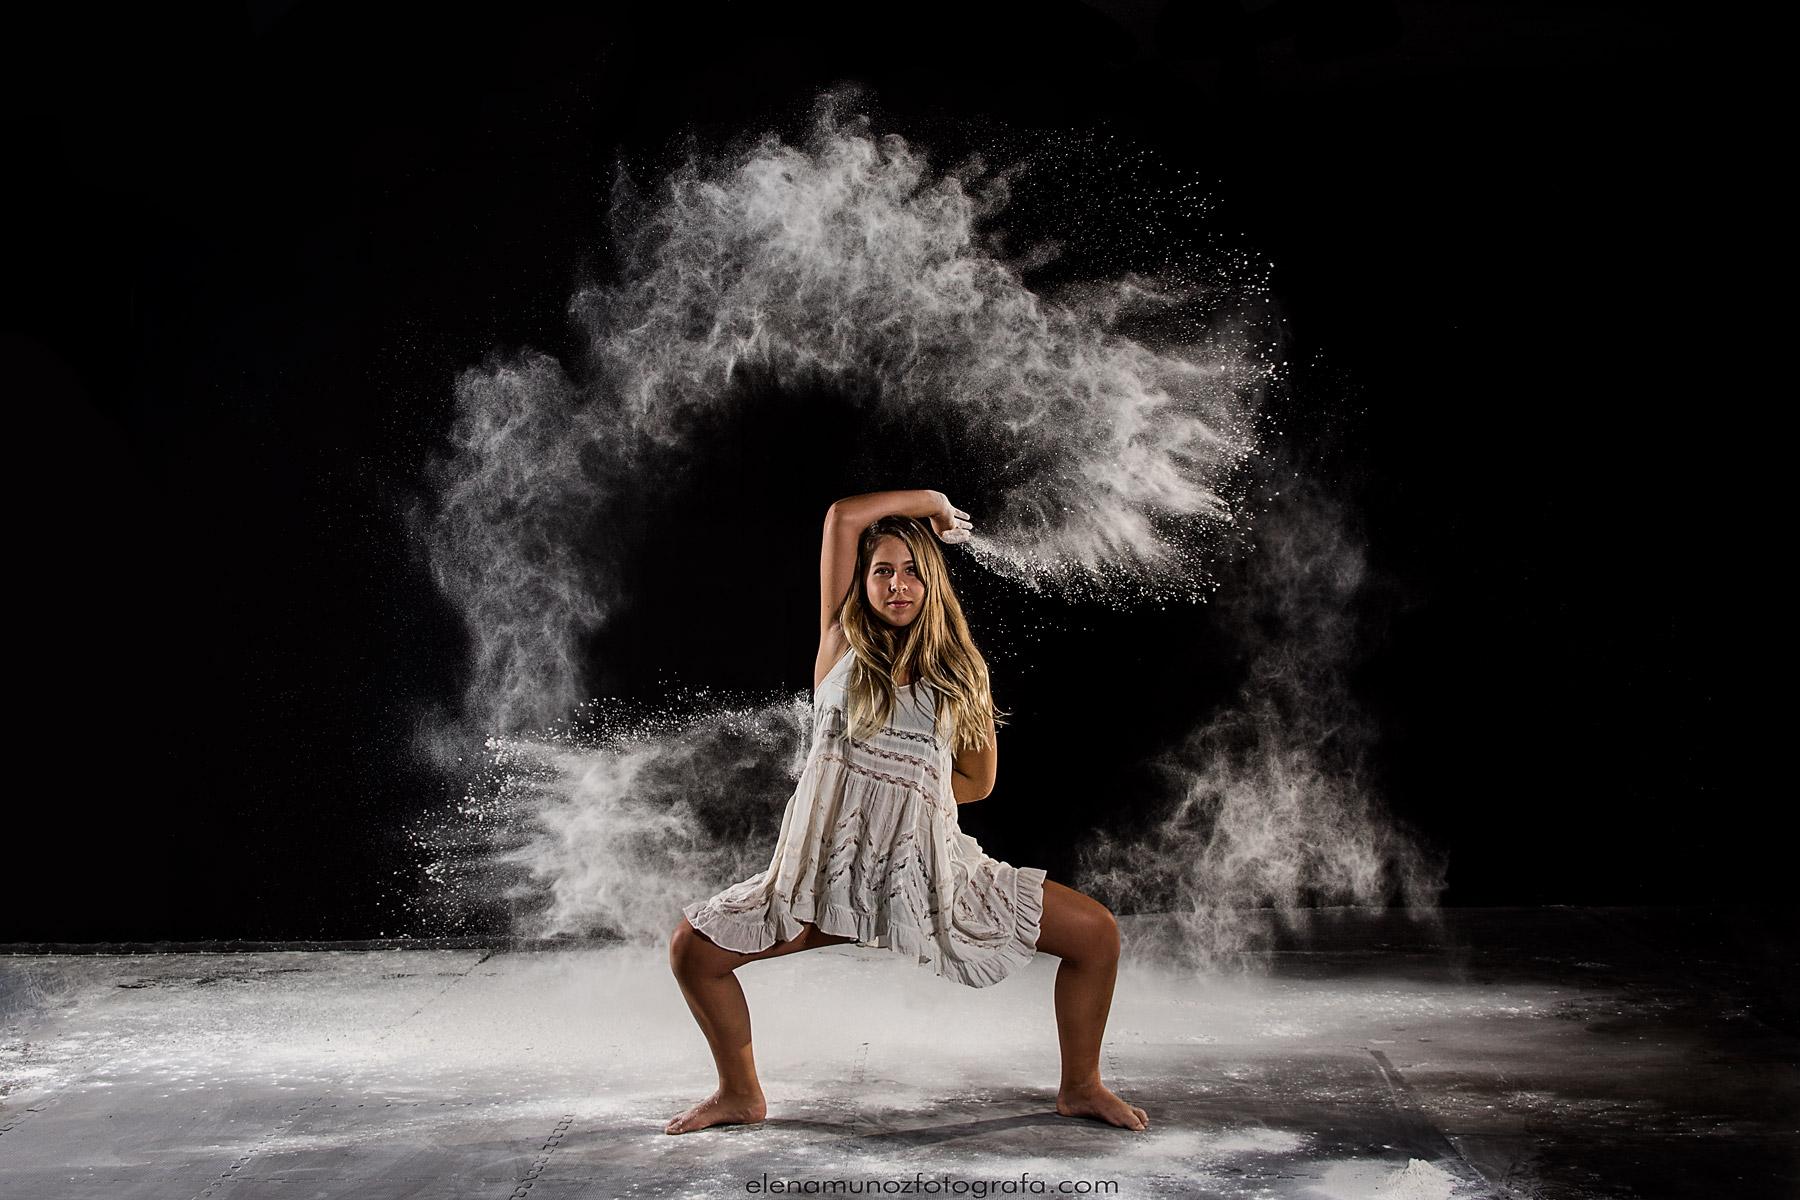 Flour dance photography.